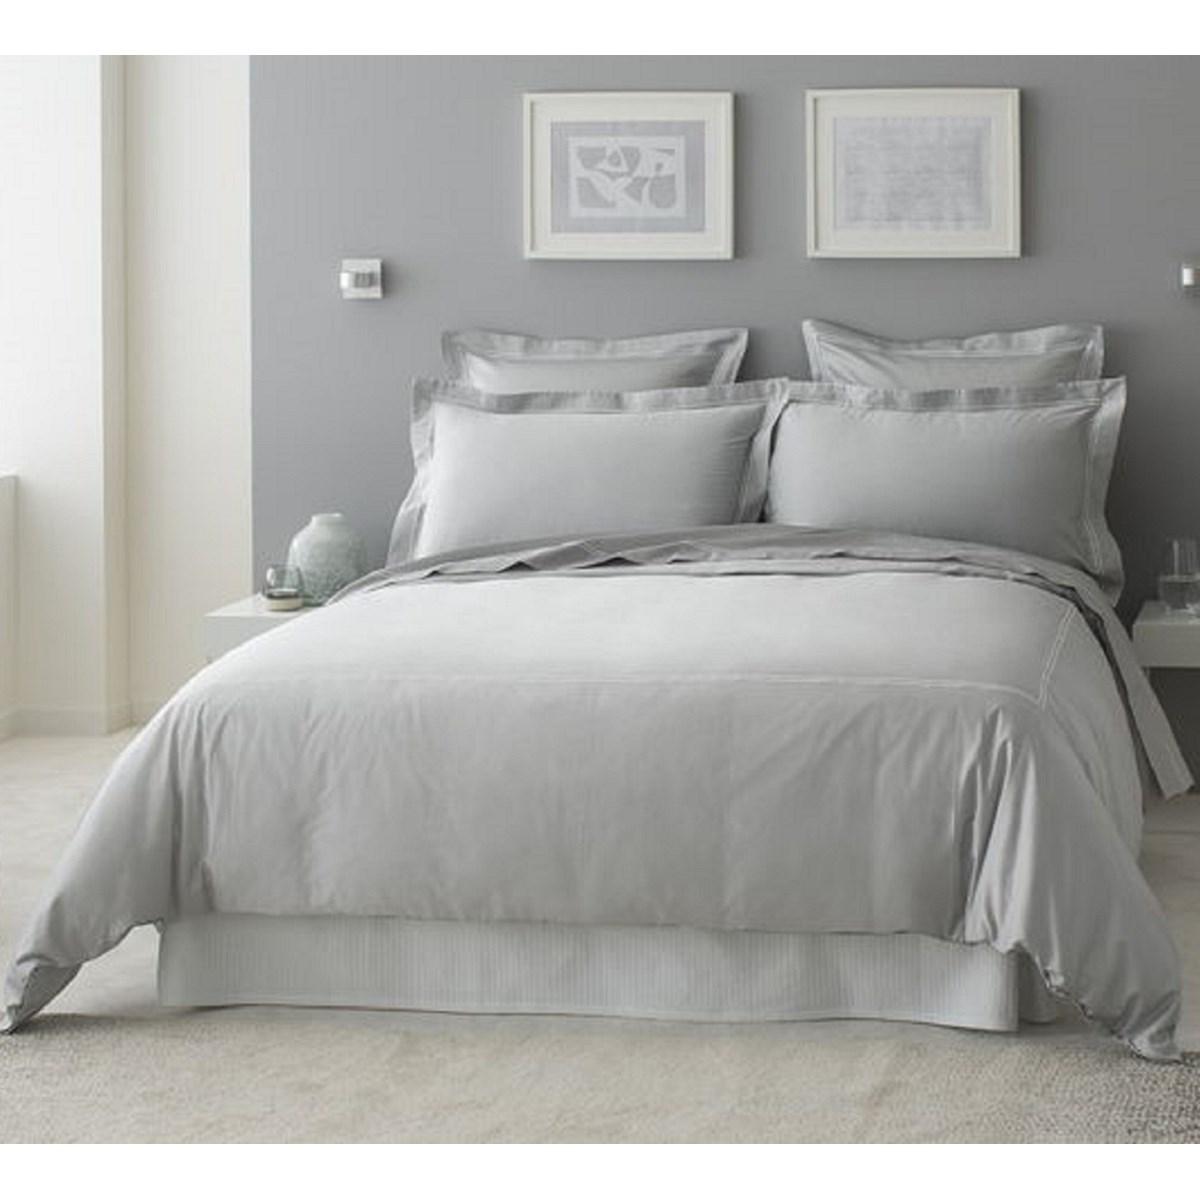 Drap plat luxe en Satin de coton Gris clair 240x310 cm